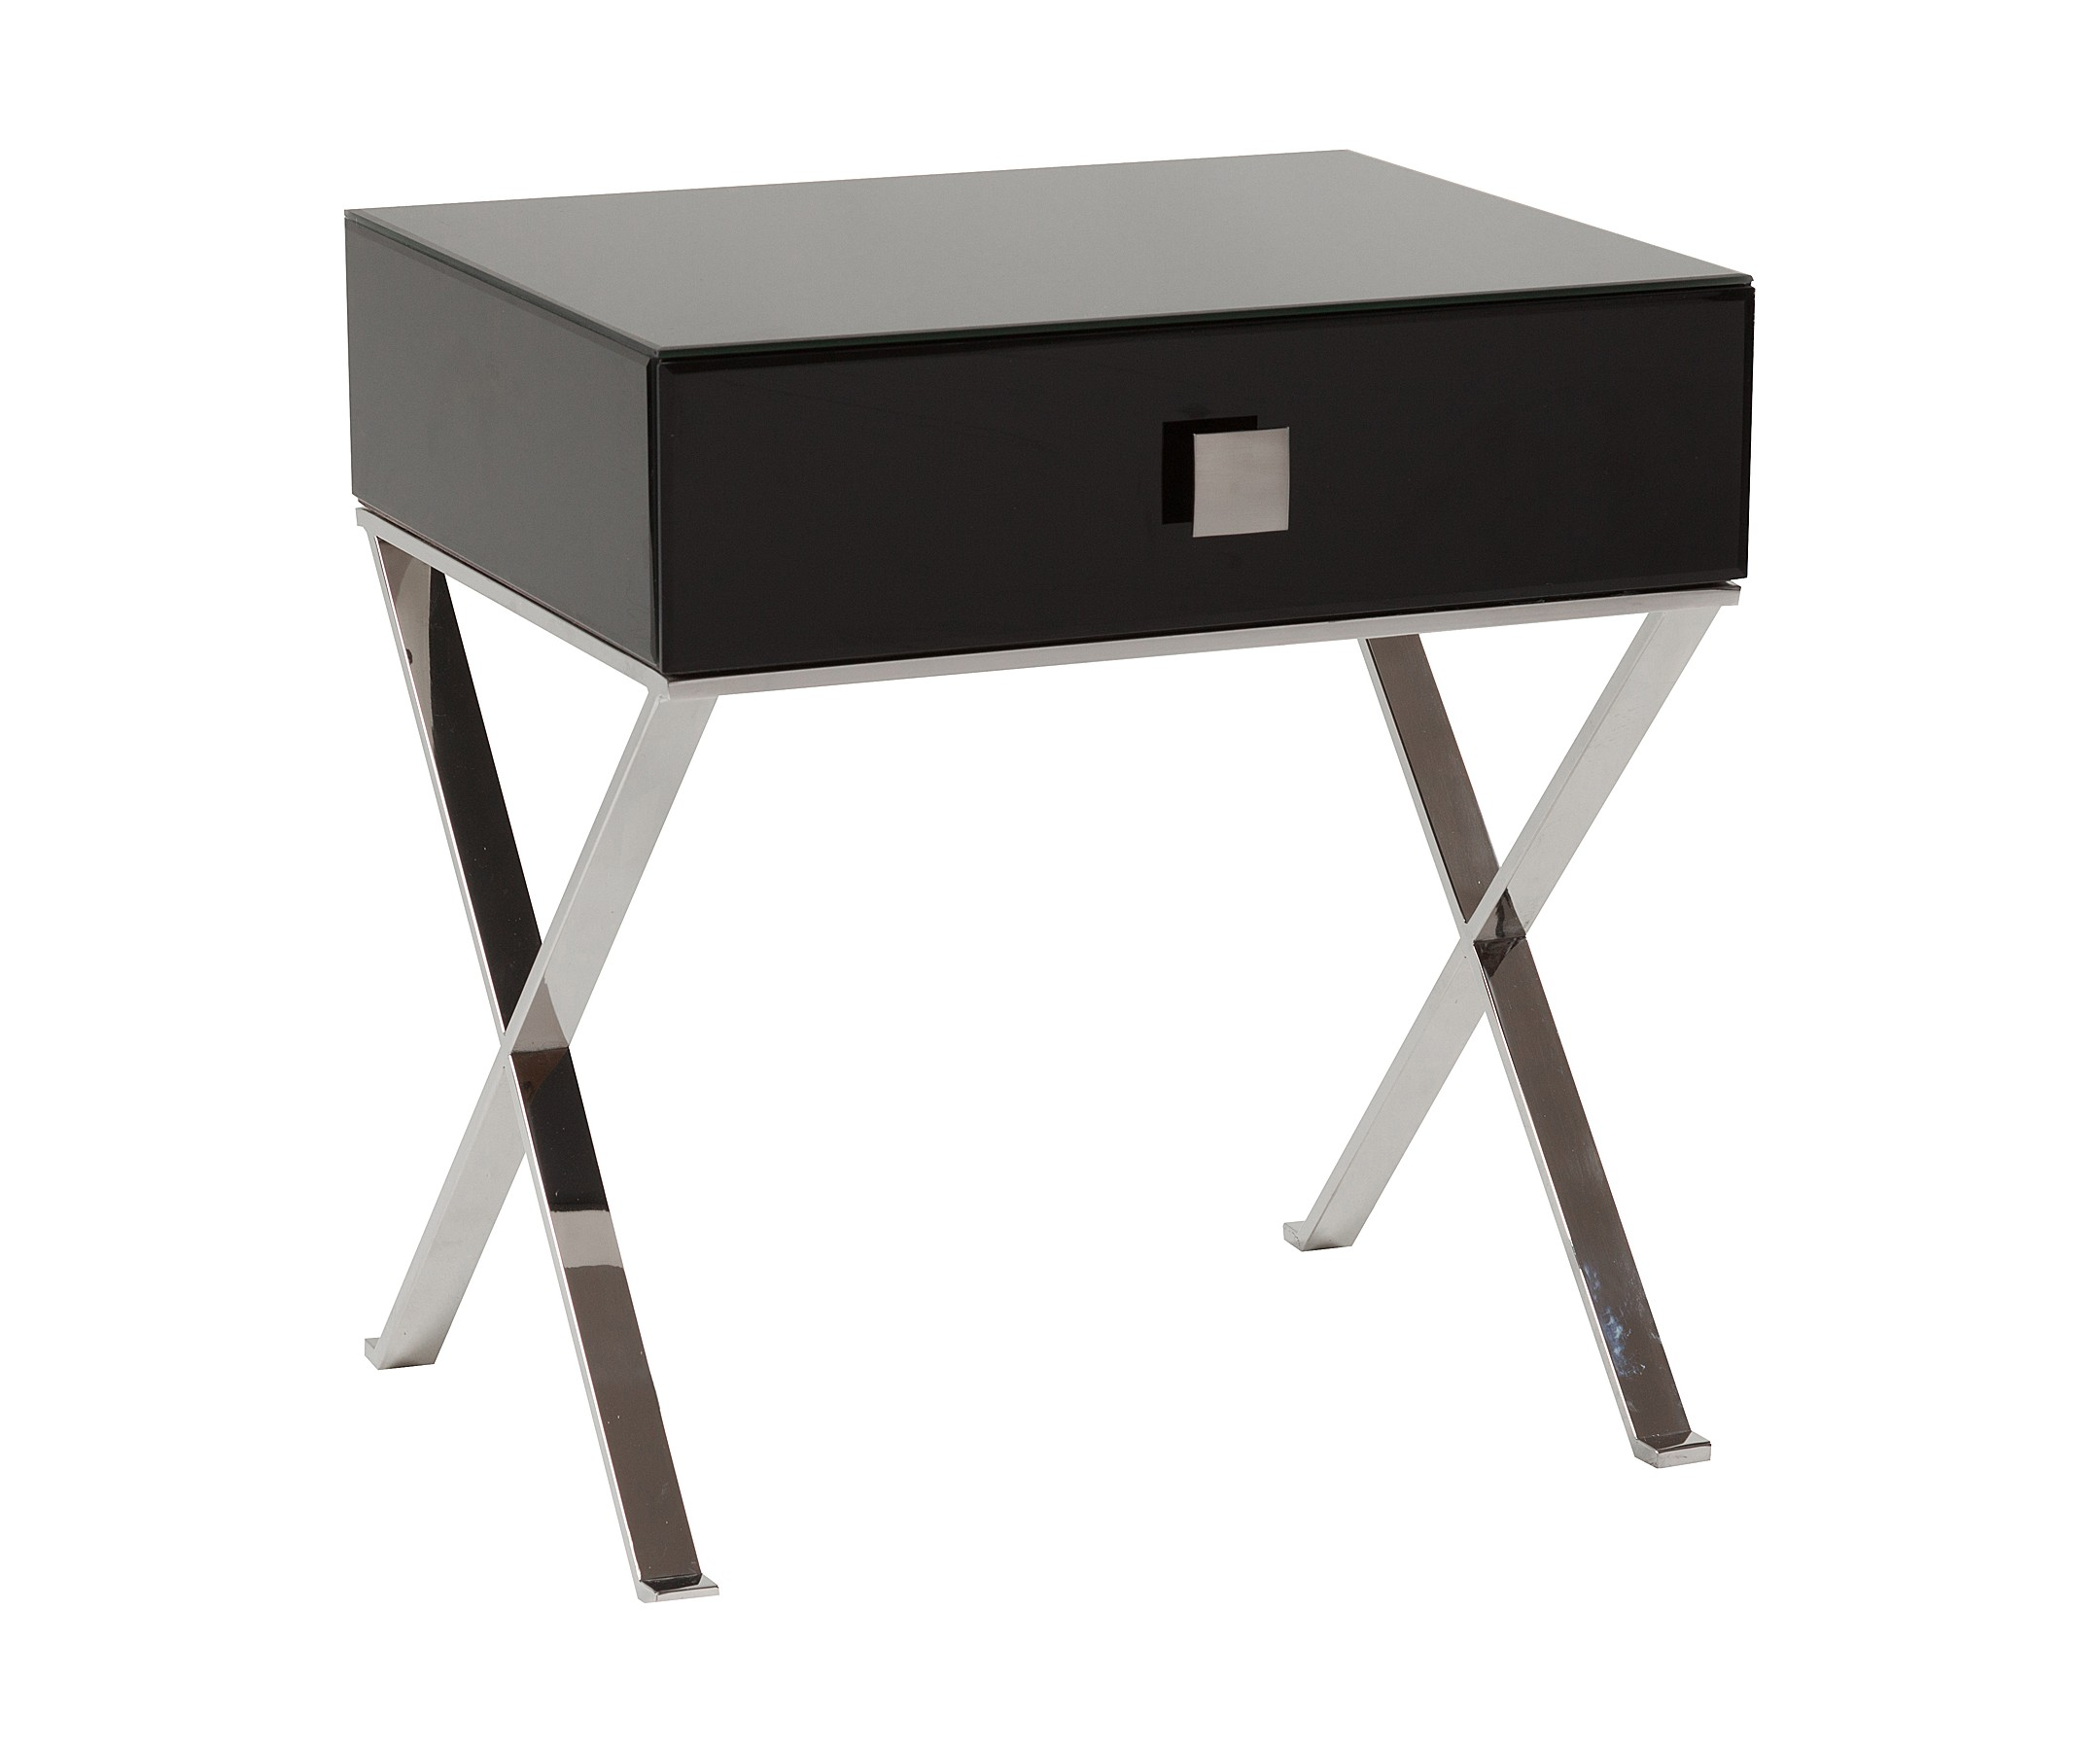 Придиванный столик с ящиком VersalesПриставные столики<br>Придиванный столик Versales выполнен в классическом стиле, имеет прямоугольную форму с выдвижным ящиком, сделан из высококачественного МДФ на металлических хромированных ножках. Органично впишется в любое пространство, обустроенное со вкусом, его внешность подойдет как к классическим интерьерам, так и к более свободным стилям в дизайне. Придиванный столик с ящиком Versales непременно будет радовать глаз, а широкая поверхность и выдвижной ящик позаботятся обо всем, что хочется держать под рукой. Можно поставить чашечку кофе и положить пульт телевизора. Увлекательная книга, личный дневник и другие любимые мелочи тоже теперь всегда будут под рукой. Купите придиванный столик с ящиком Versales — красота должна доставлять не только эстетическое удовольствие, но и приносить практическую пользу.&amp;lt;div&amp;gt;&amp;lt;br&amp;gt;&amp;lt;/div&amp;gt;&amp;lt;div&amp;gt;Материал ножек: металл.&amp;lt;/div&amp;gt;<br><br>Material: МДФ<br>Width см: 52<br>Depth см: 42<br>Height см: 56